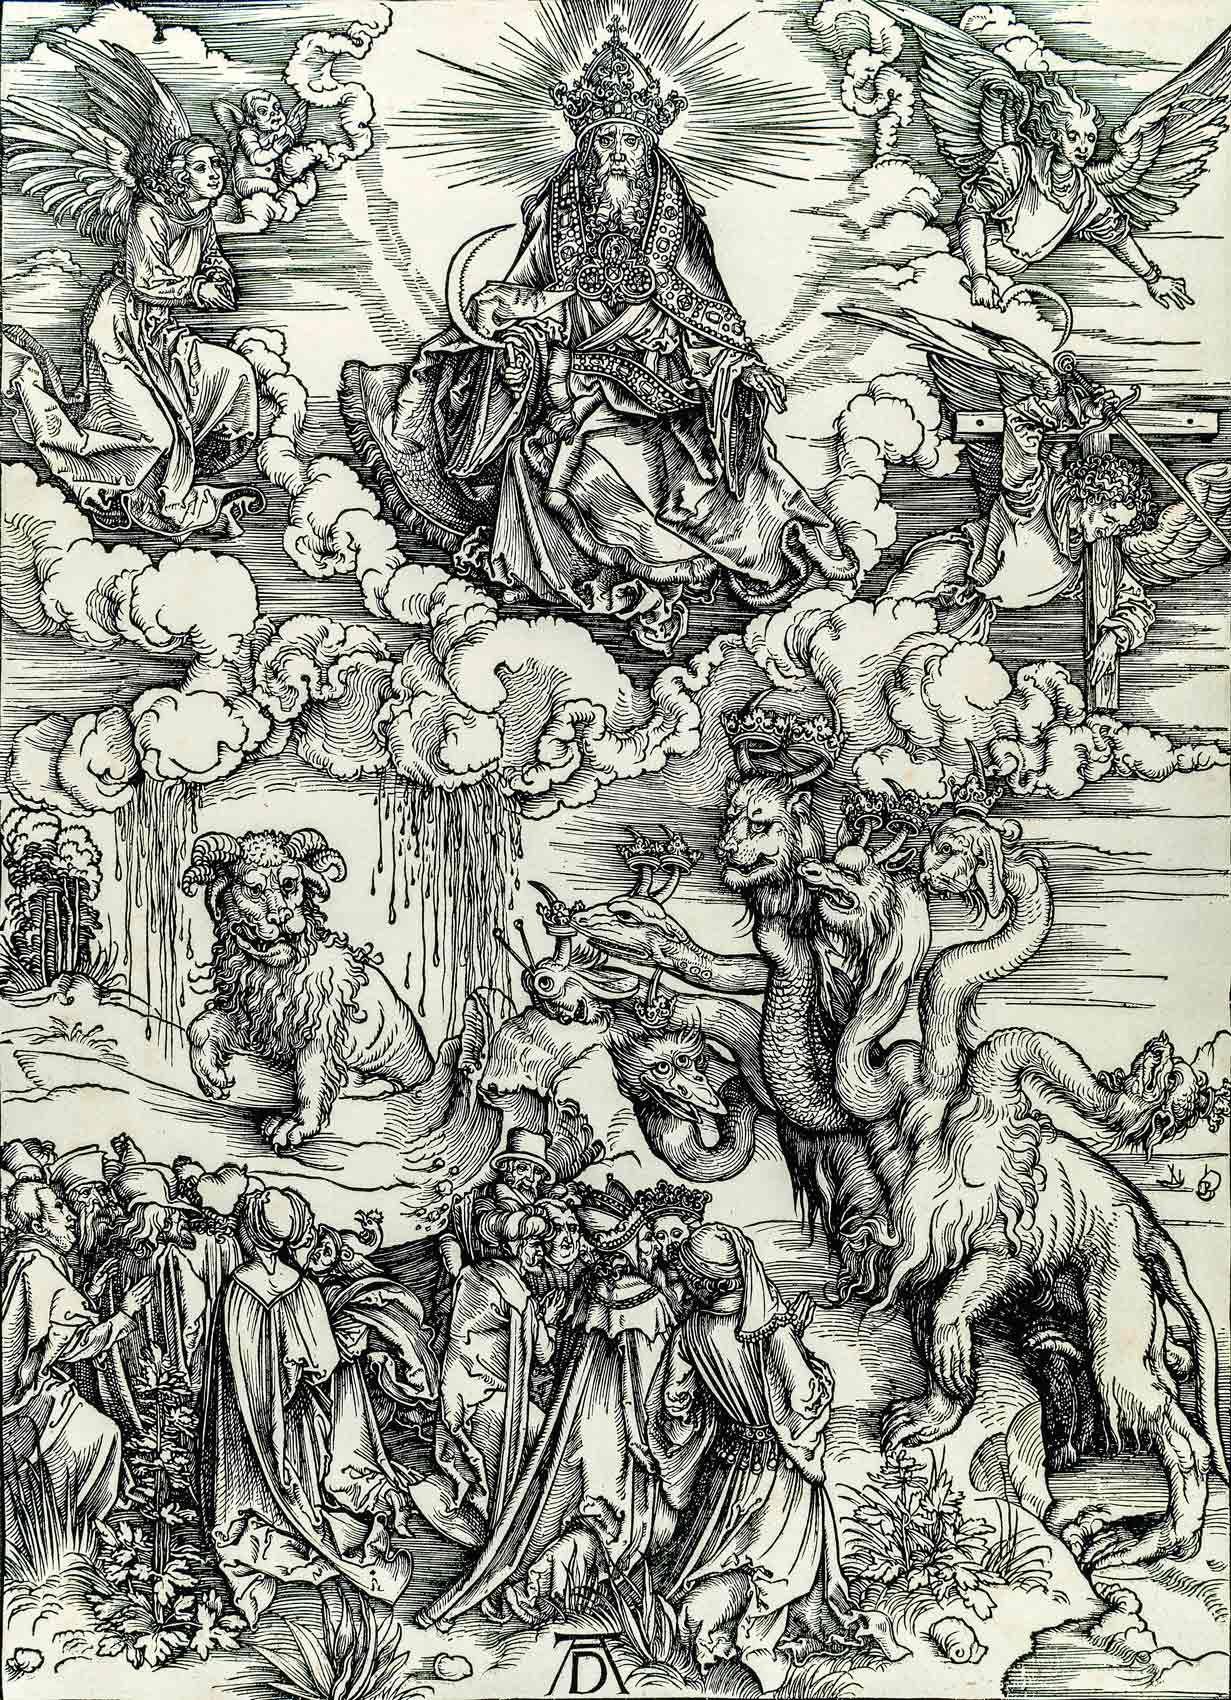 Albrecht Dürer (1471-1528), Le dragon à sept têtes et la bête aux cornes d'agneau, Planche XI de la série « L'Apocalypse », 1496-1497, gravure sur bois de fil, épreuve. MBAM, achat, fonds Claude Dalphond à la mémoire de Gisèle Lachance, fonds Dr Sean B. Murphy et legs Horsley et Annie Townsend